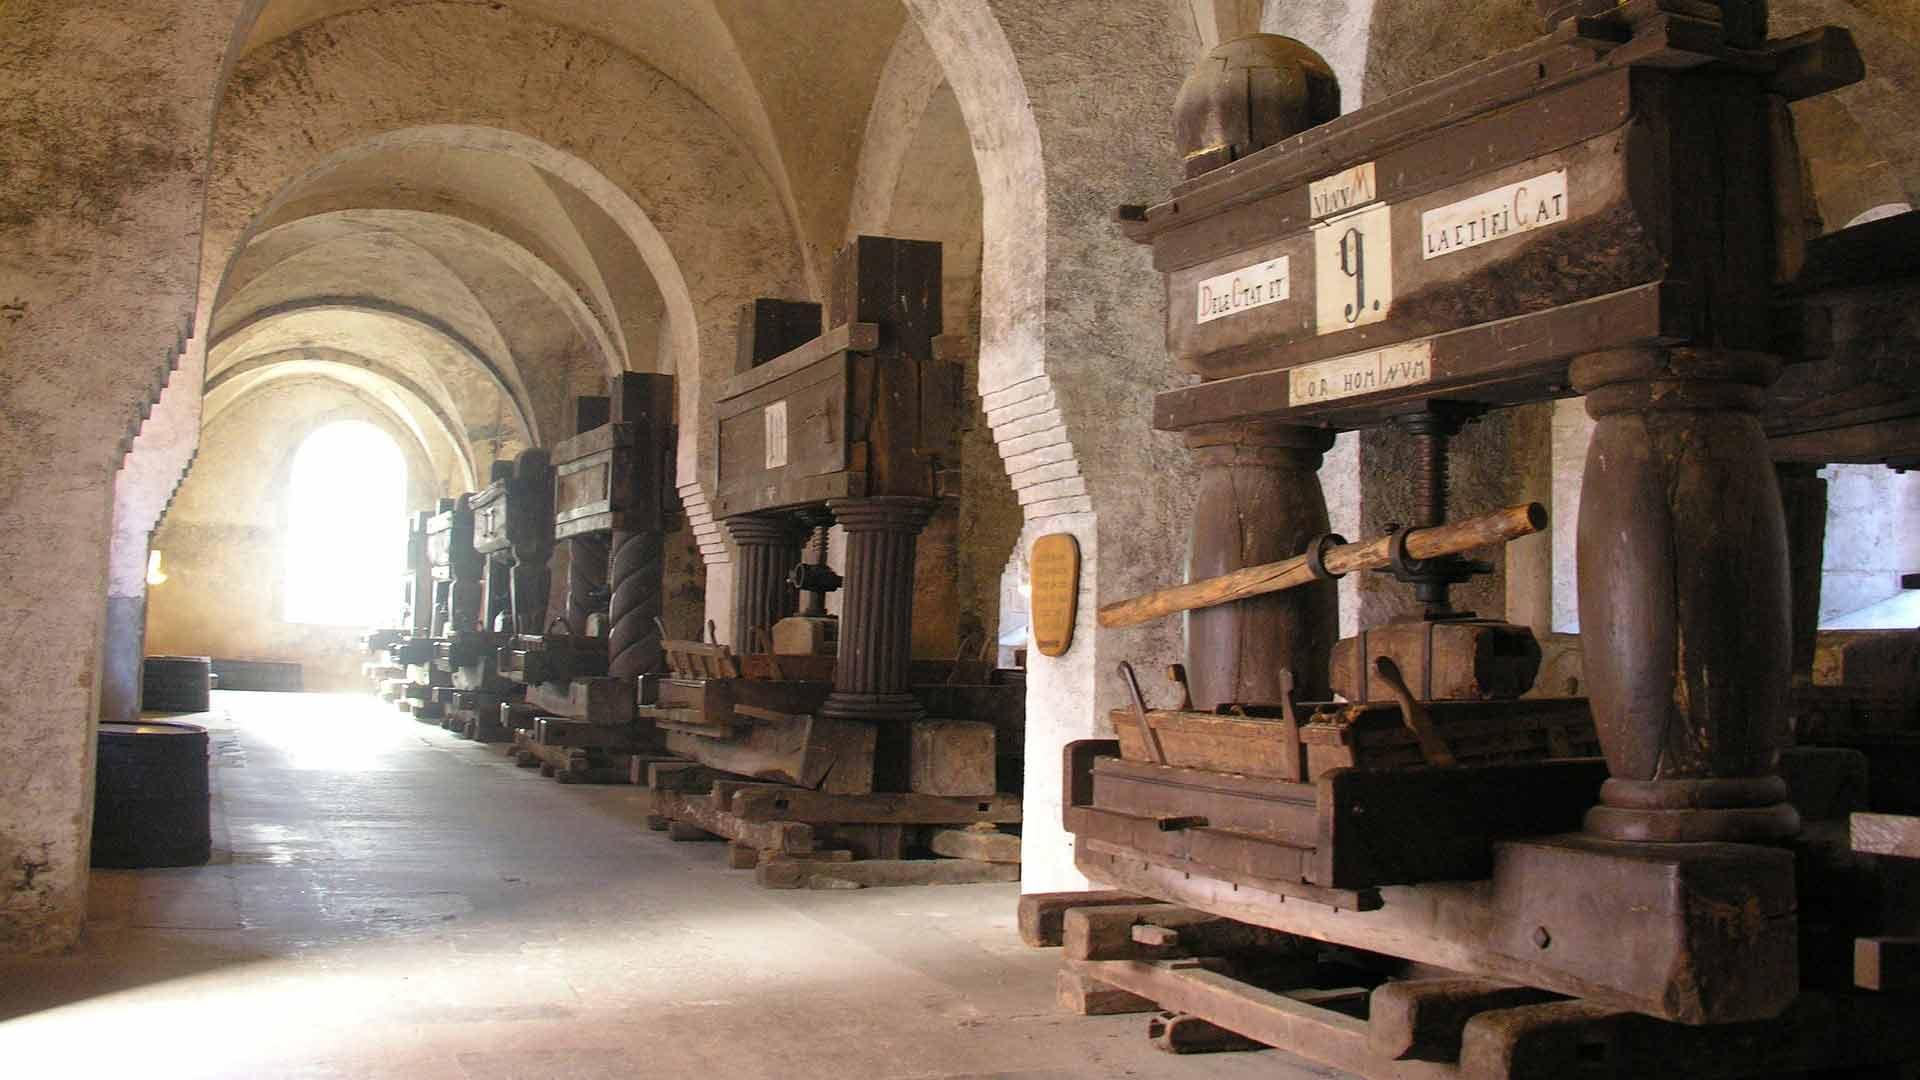 In klooster Eberbach zijn oeroude wijnpersen te bewonderen.